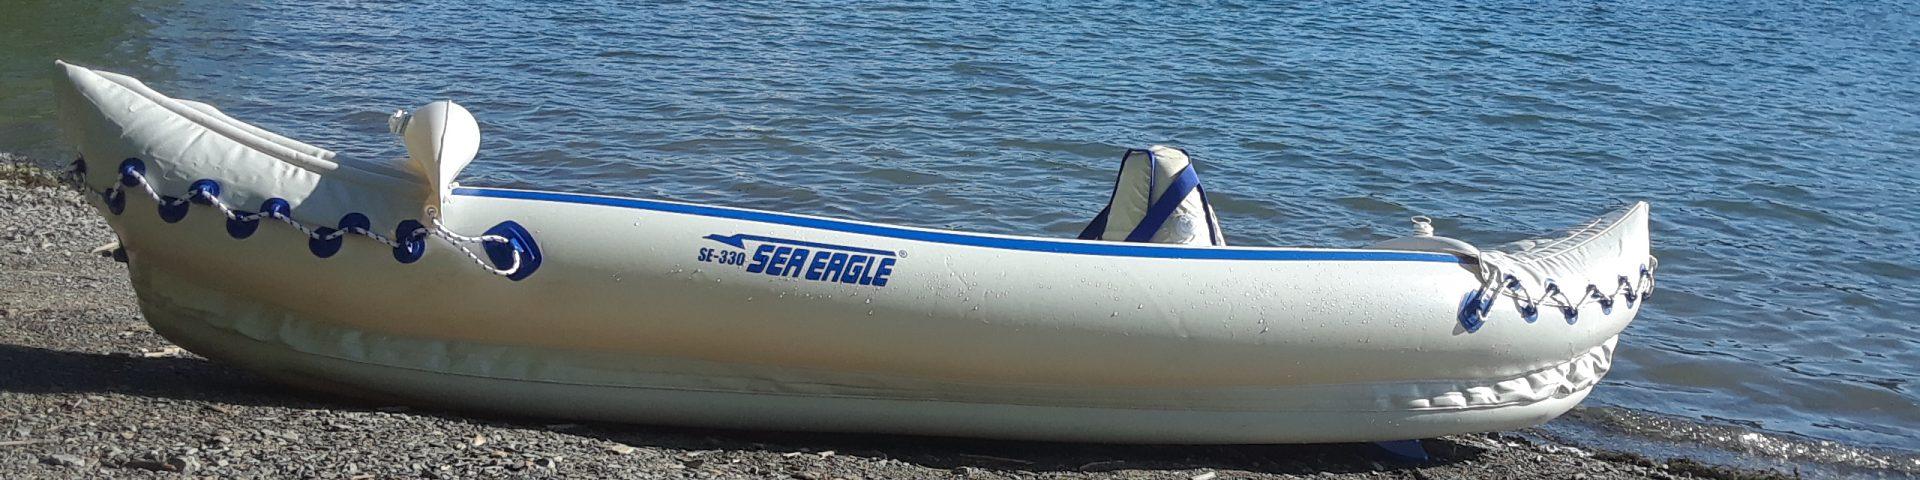 Sea Eagle kayak, Kayaking Hemlock lake